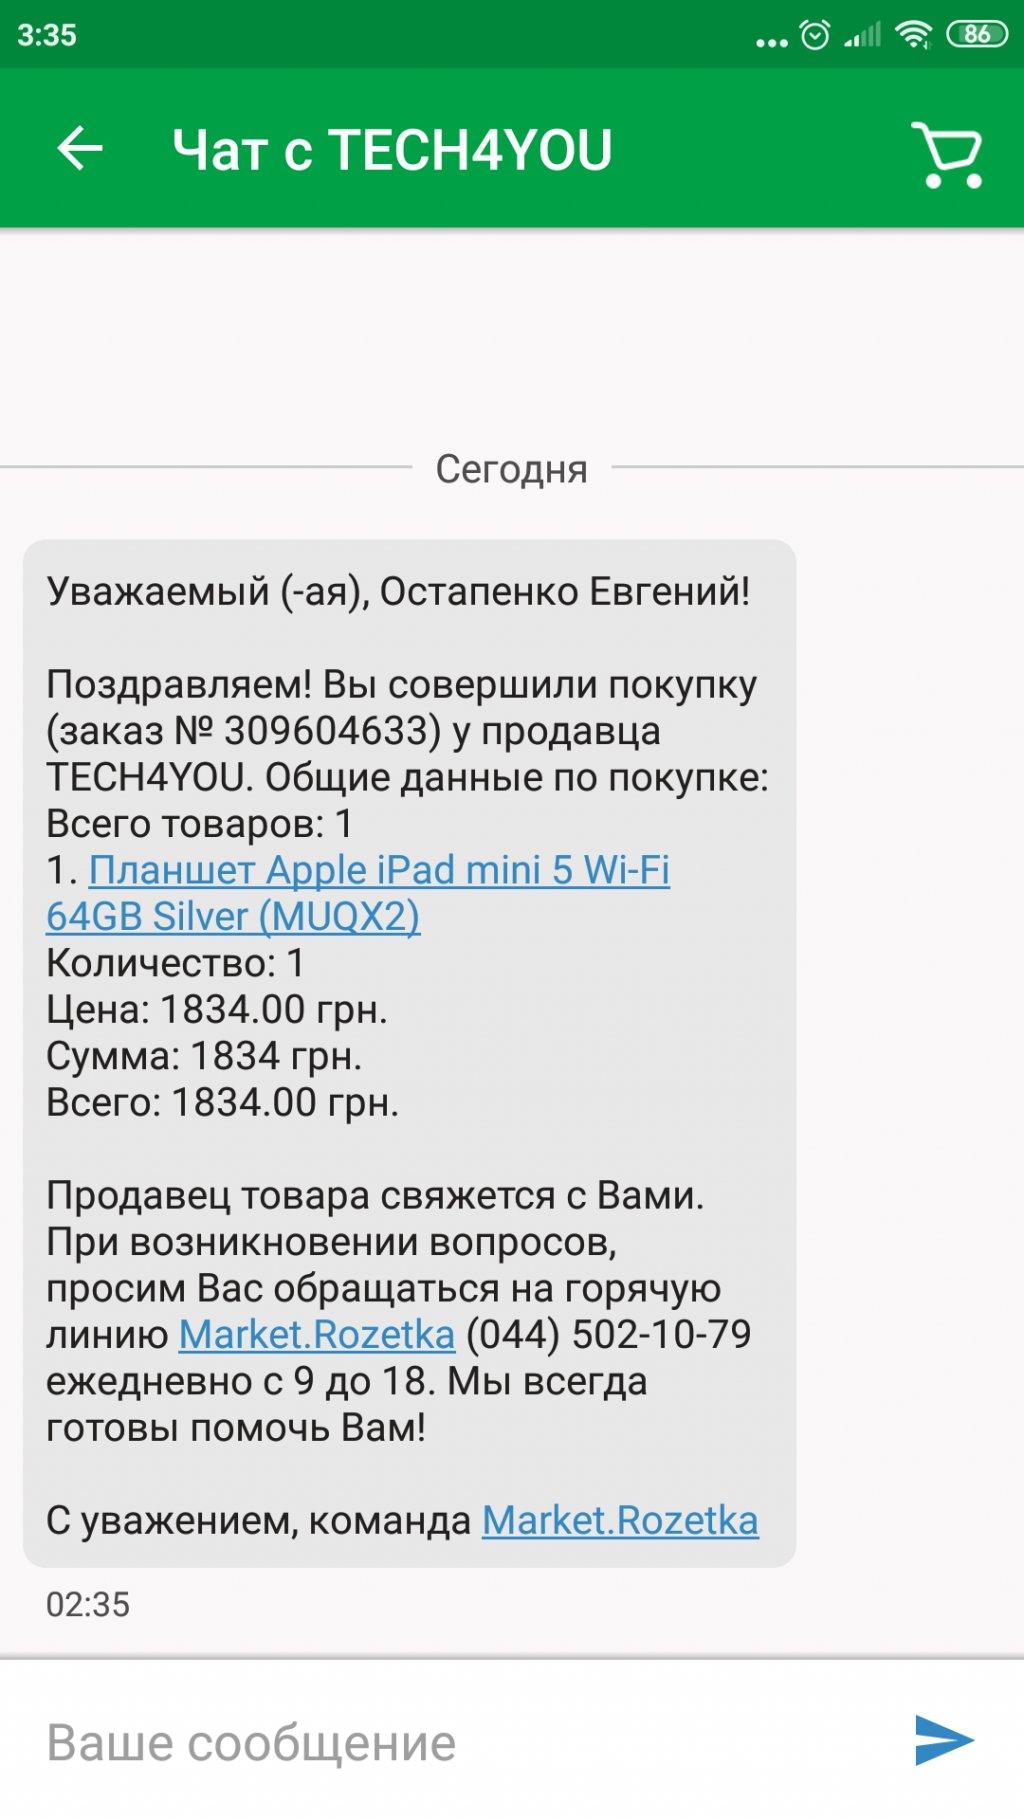 Розетка - интернет-магазин (rozetka.ua) - Мошенники!!!!